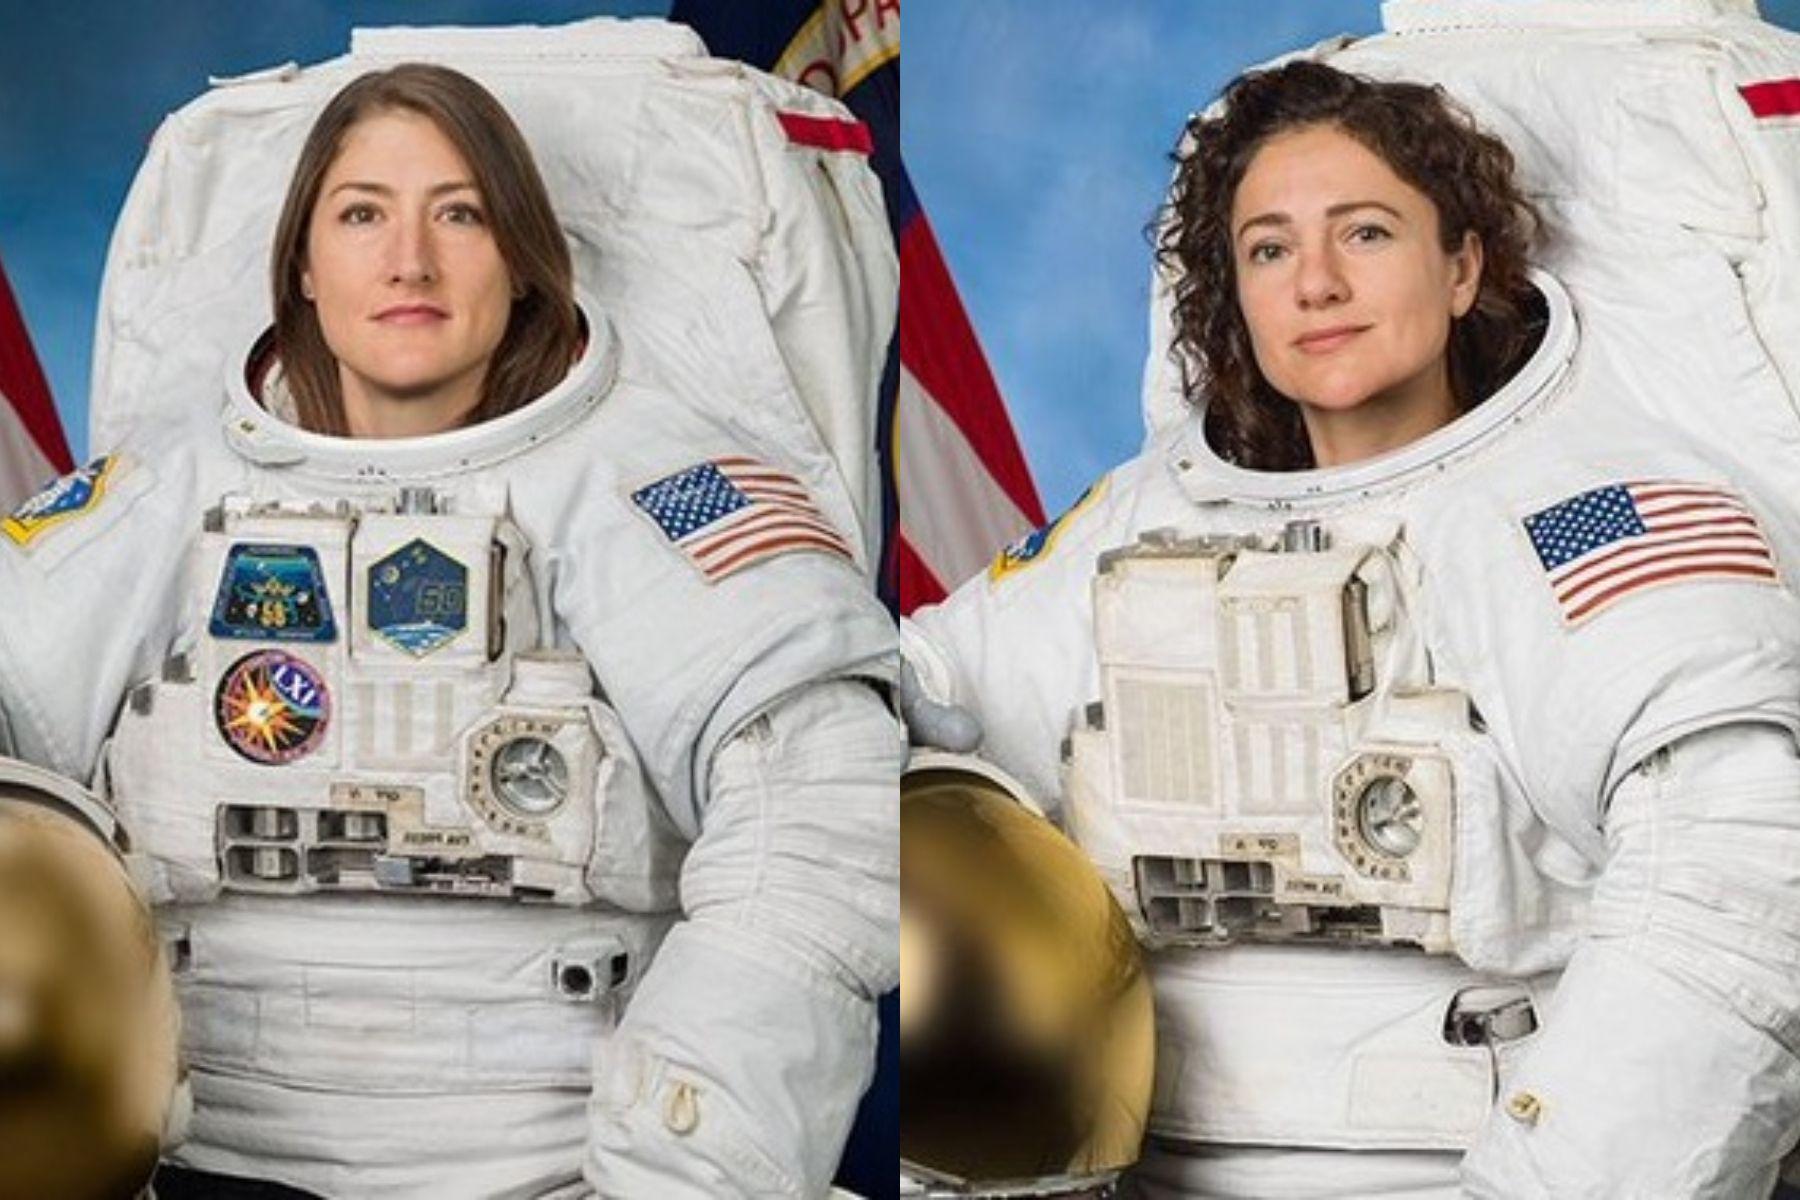 Dos astronautas de la NASA realizan la primera caminata hecha exclusivamente por mujeres